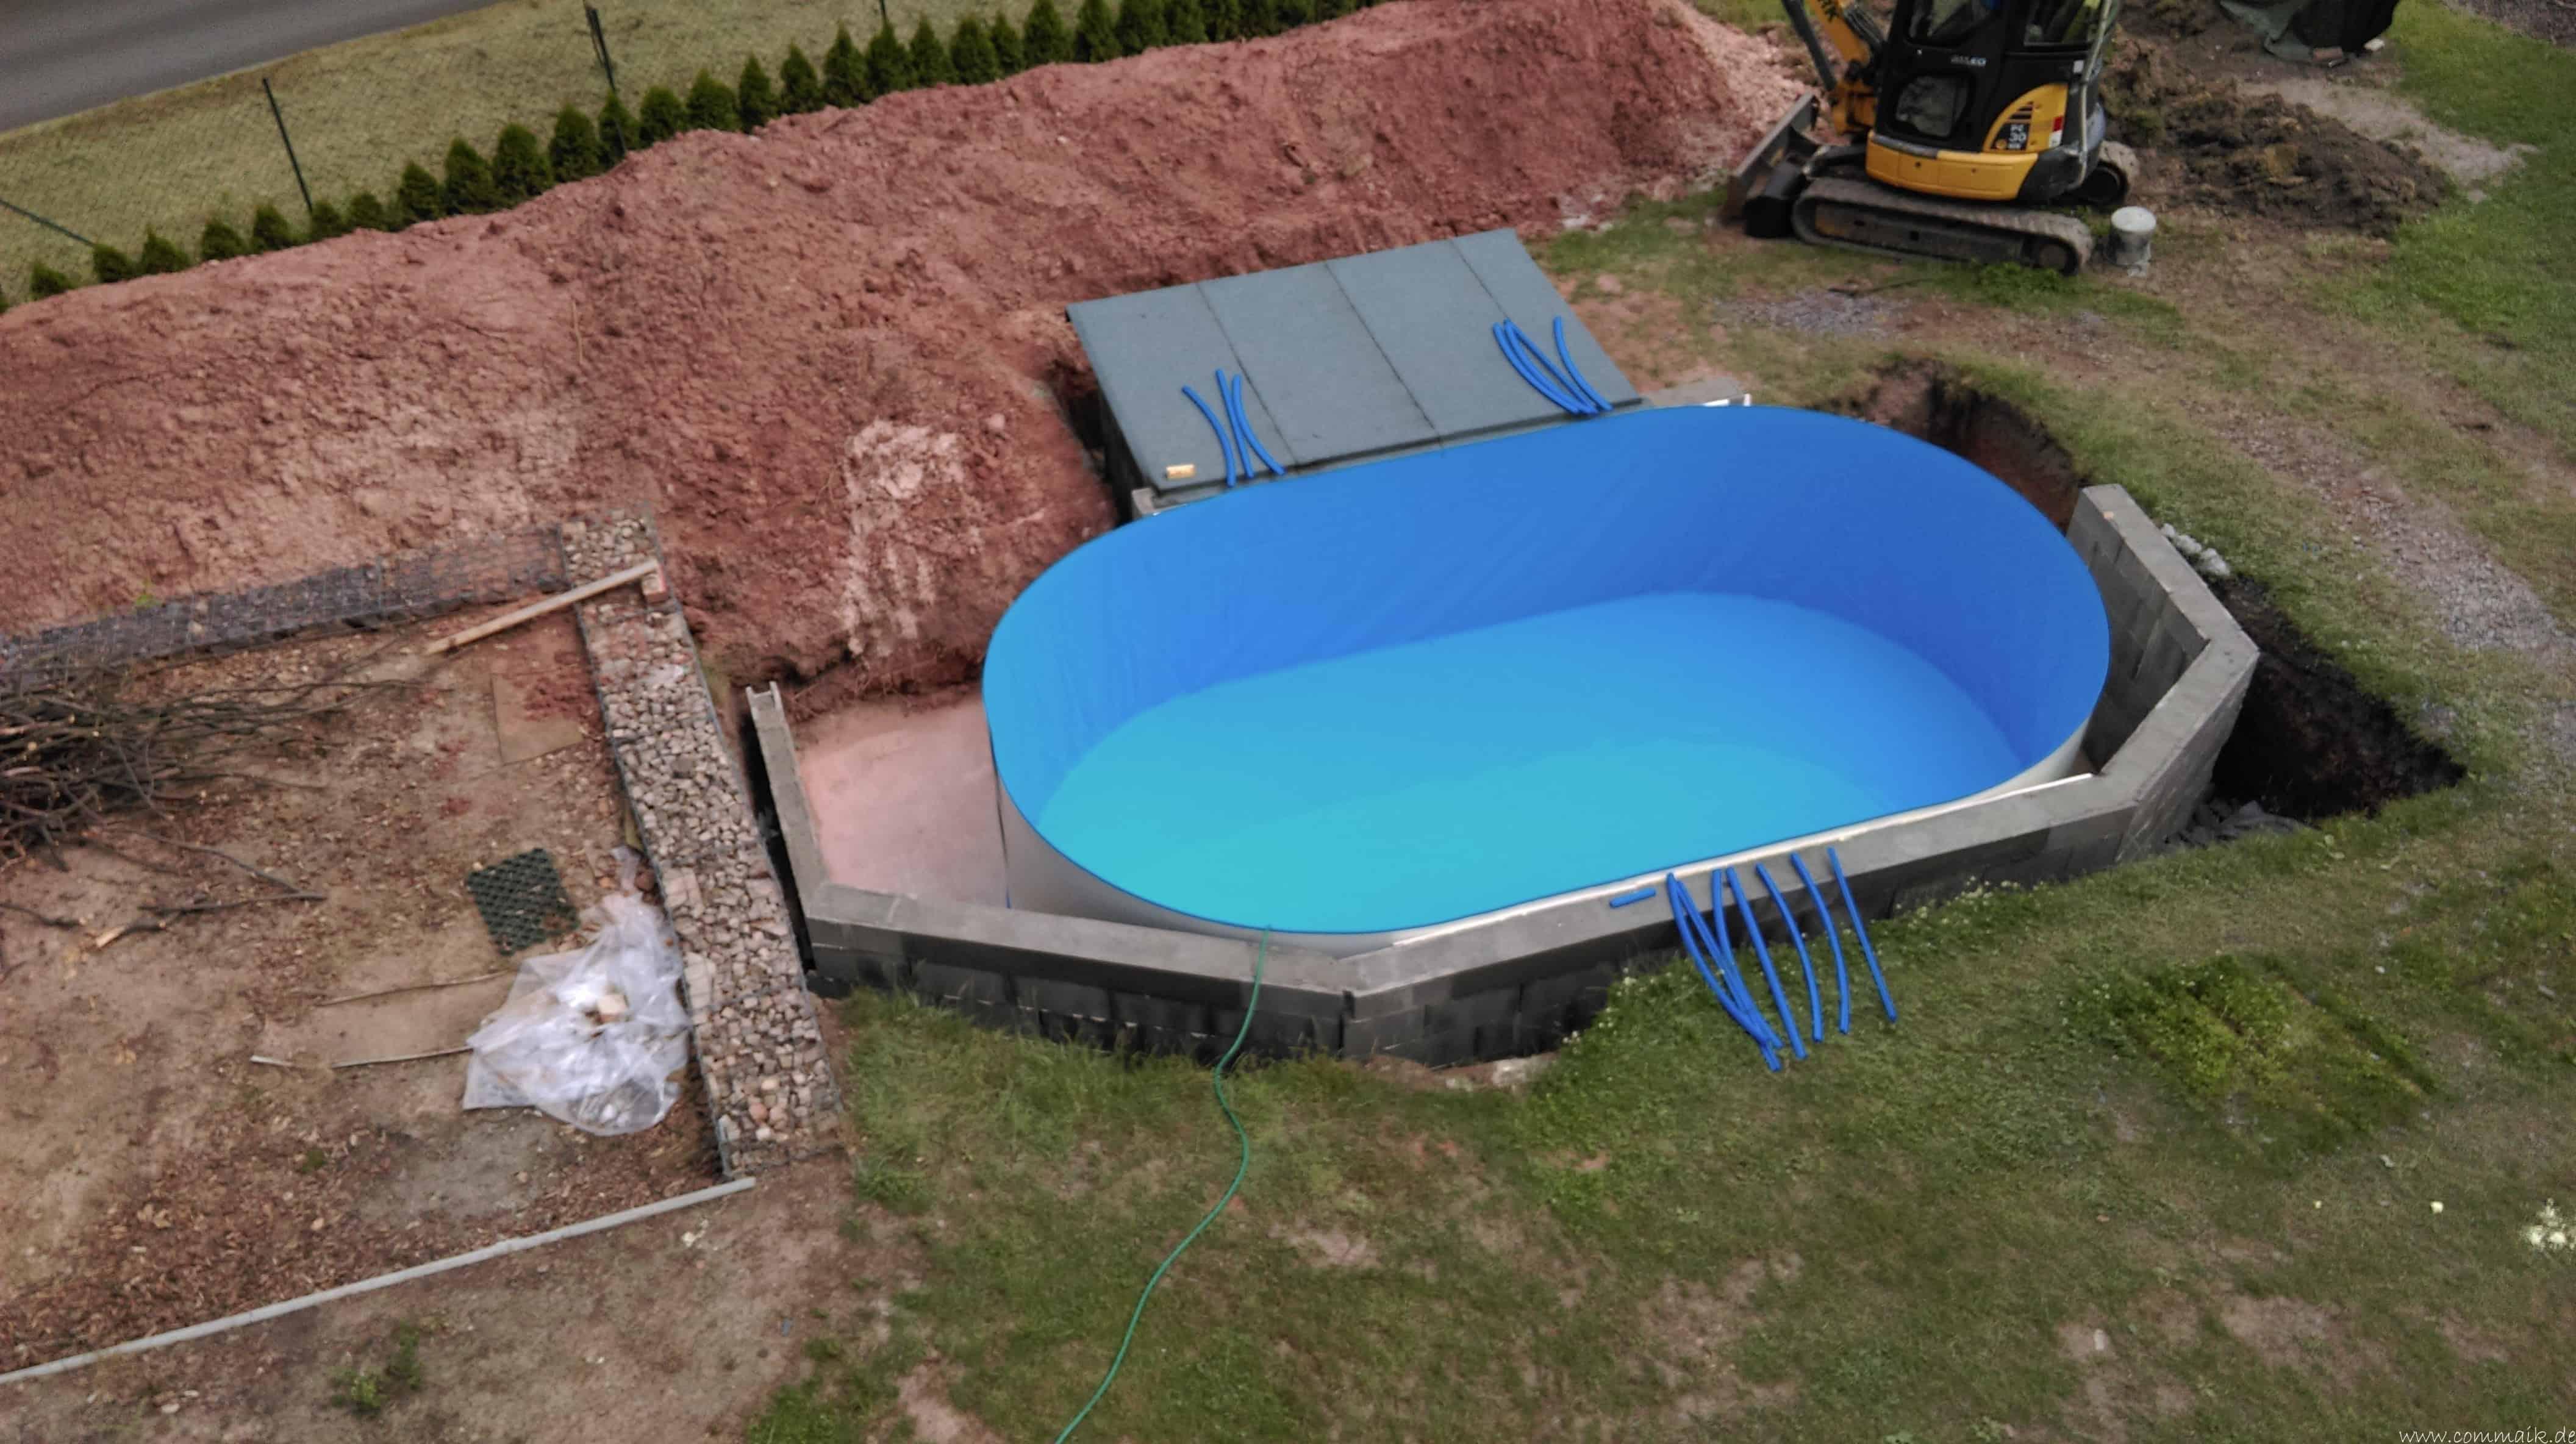 Projekt poolbau der aufbau des stahlwandpools commaik for Aufbau stahlwandpool